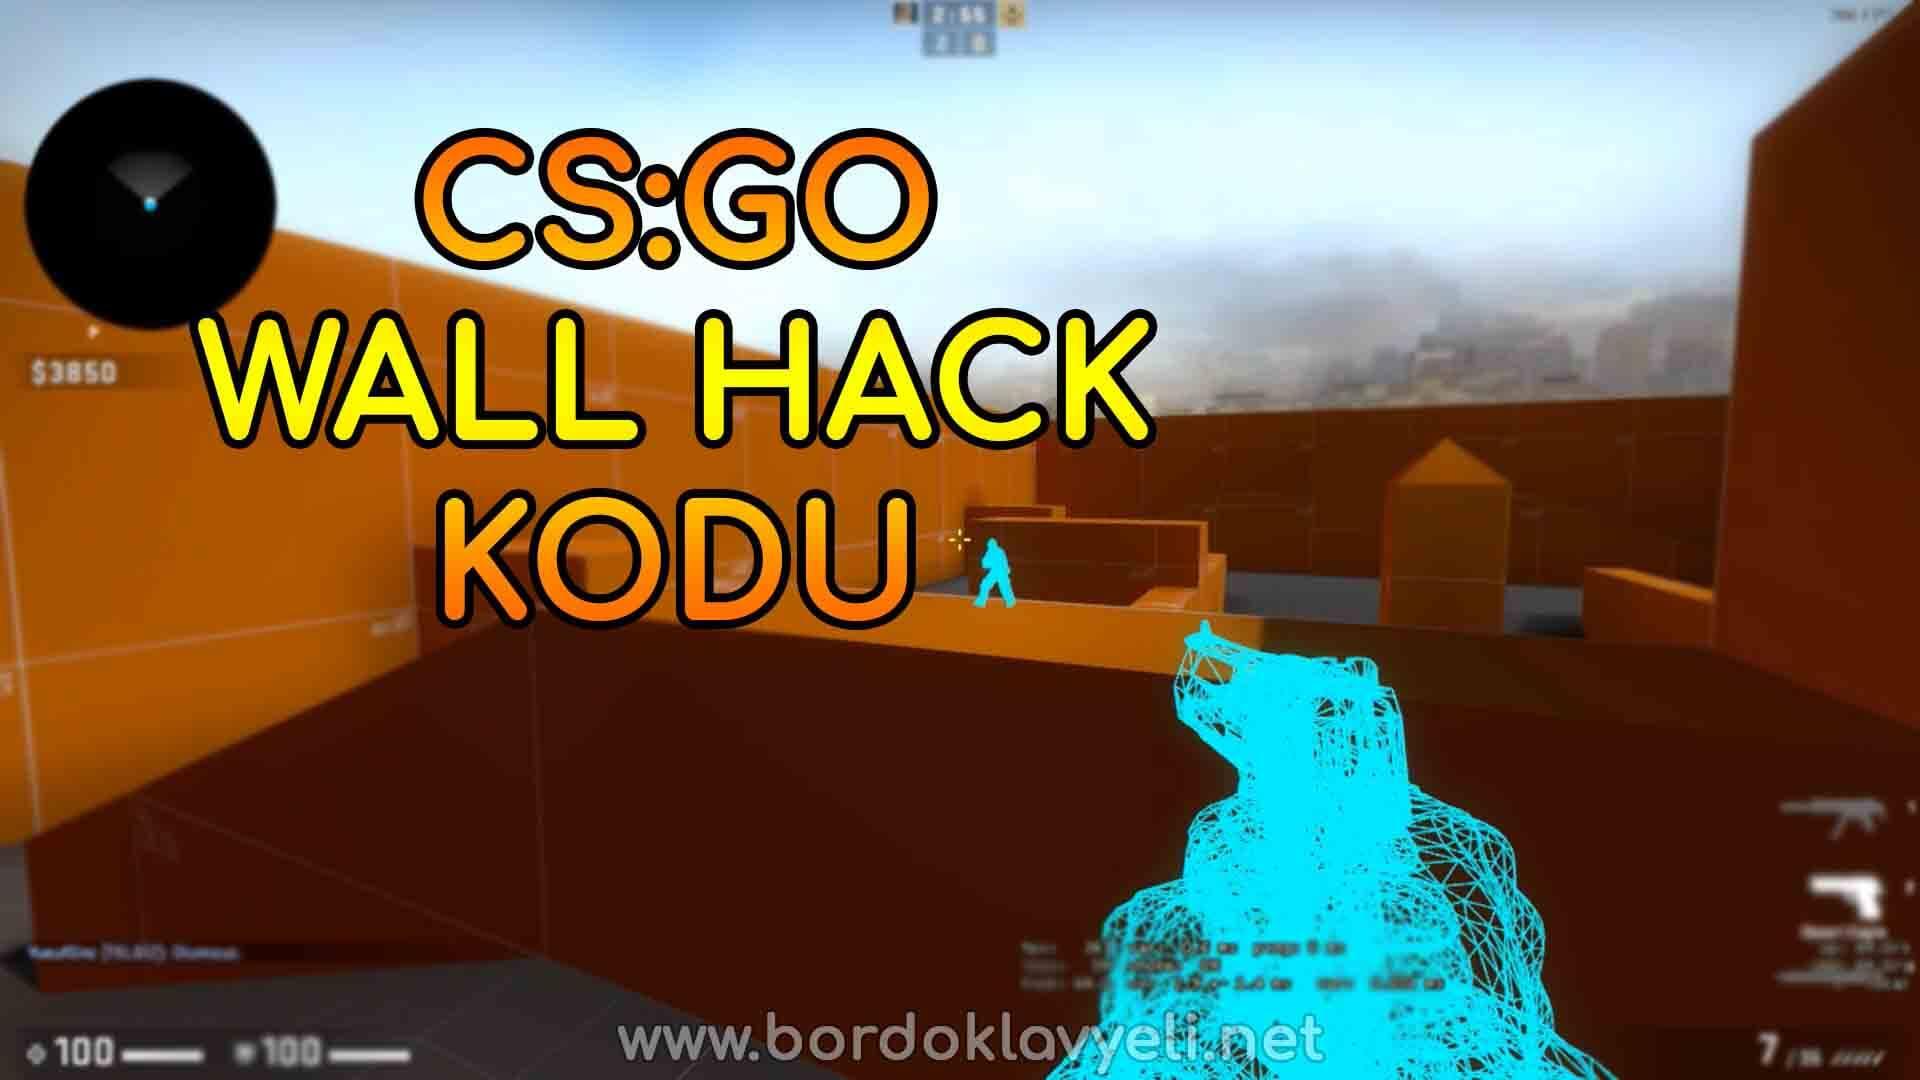 CS GO Wall Hack Kodu - Nasıl Kullanılır? [ÇALIŞIYOR!] | Bordo Klavyeli